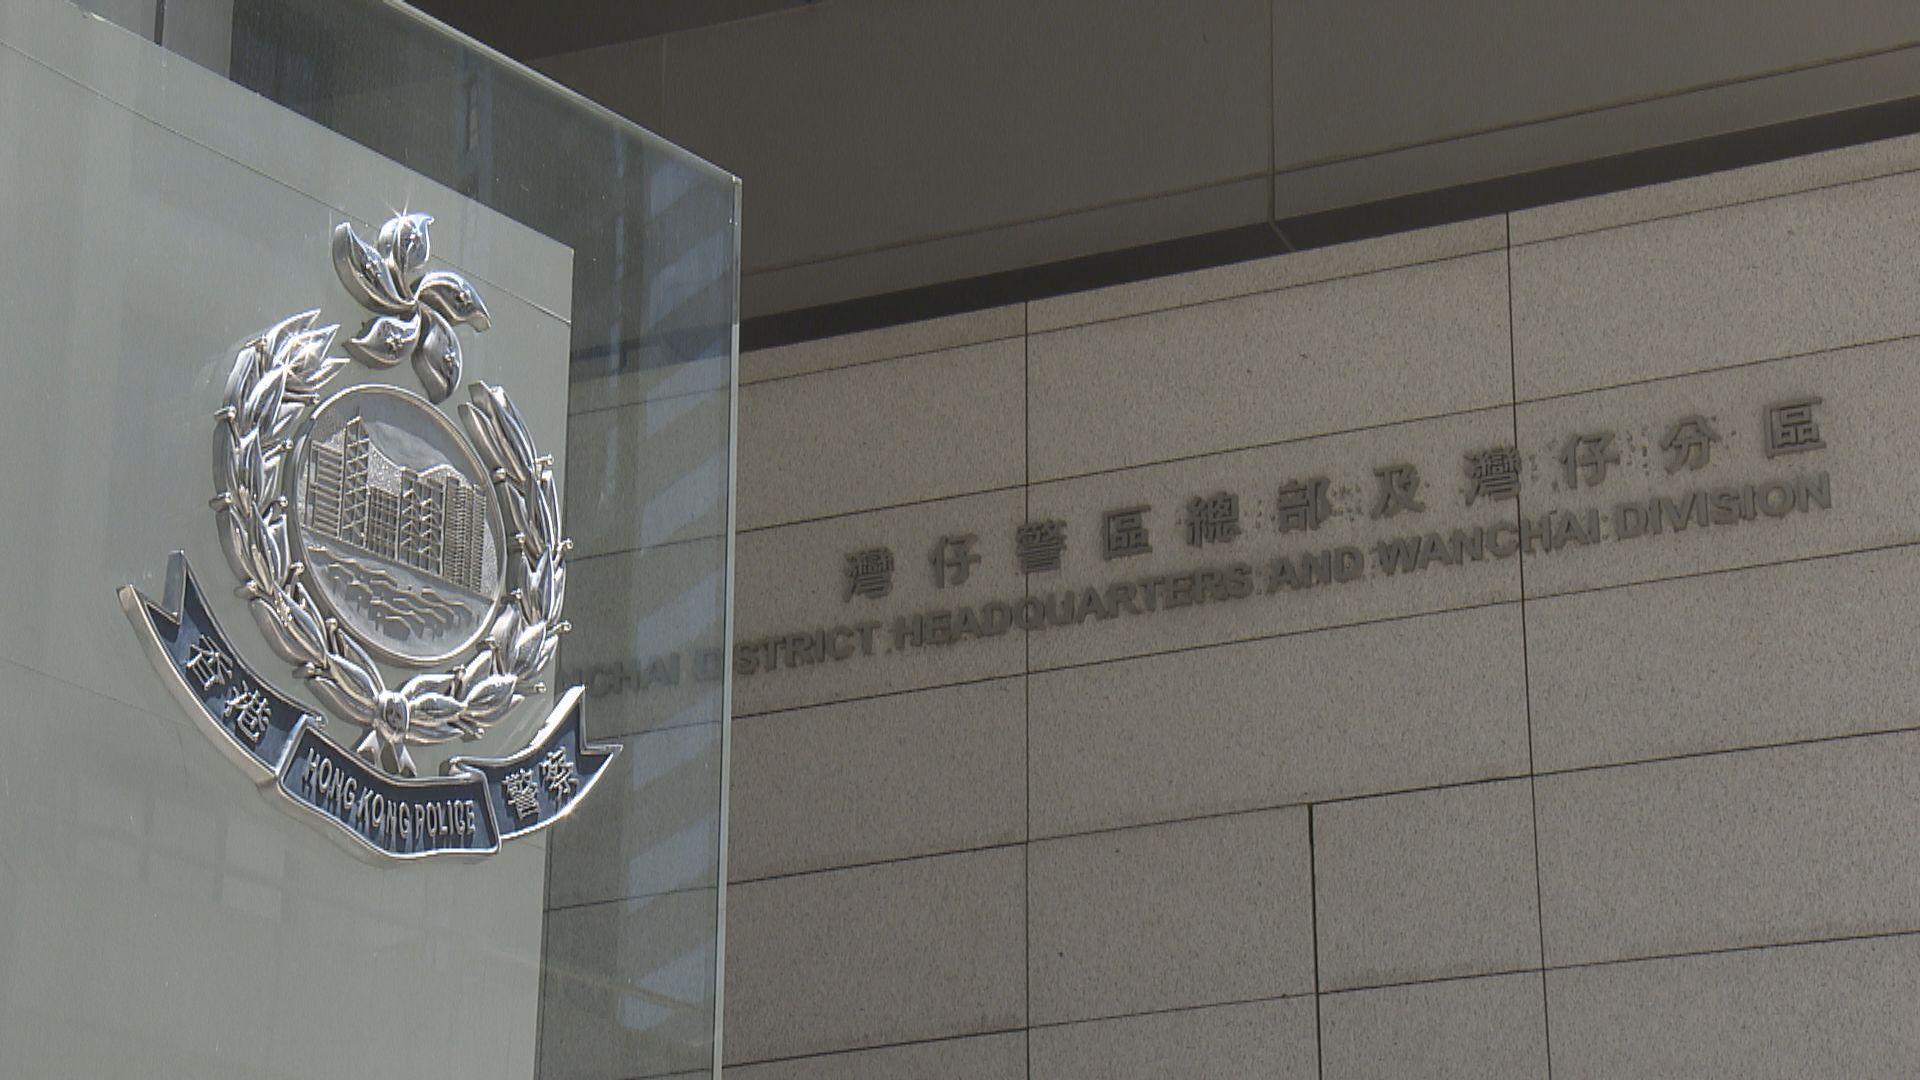 警方於洪水橋拘捕三人 搜獲曲尺手槍及三百發子彈